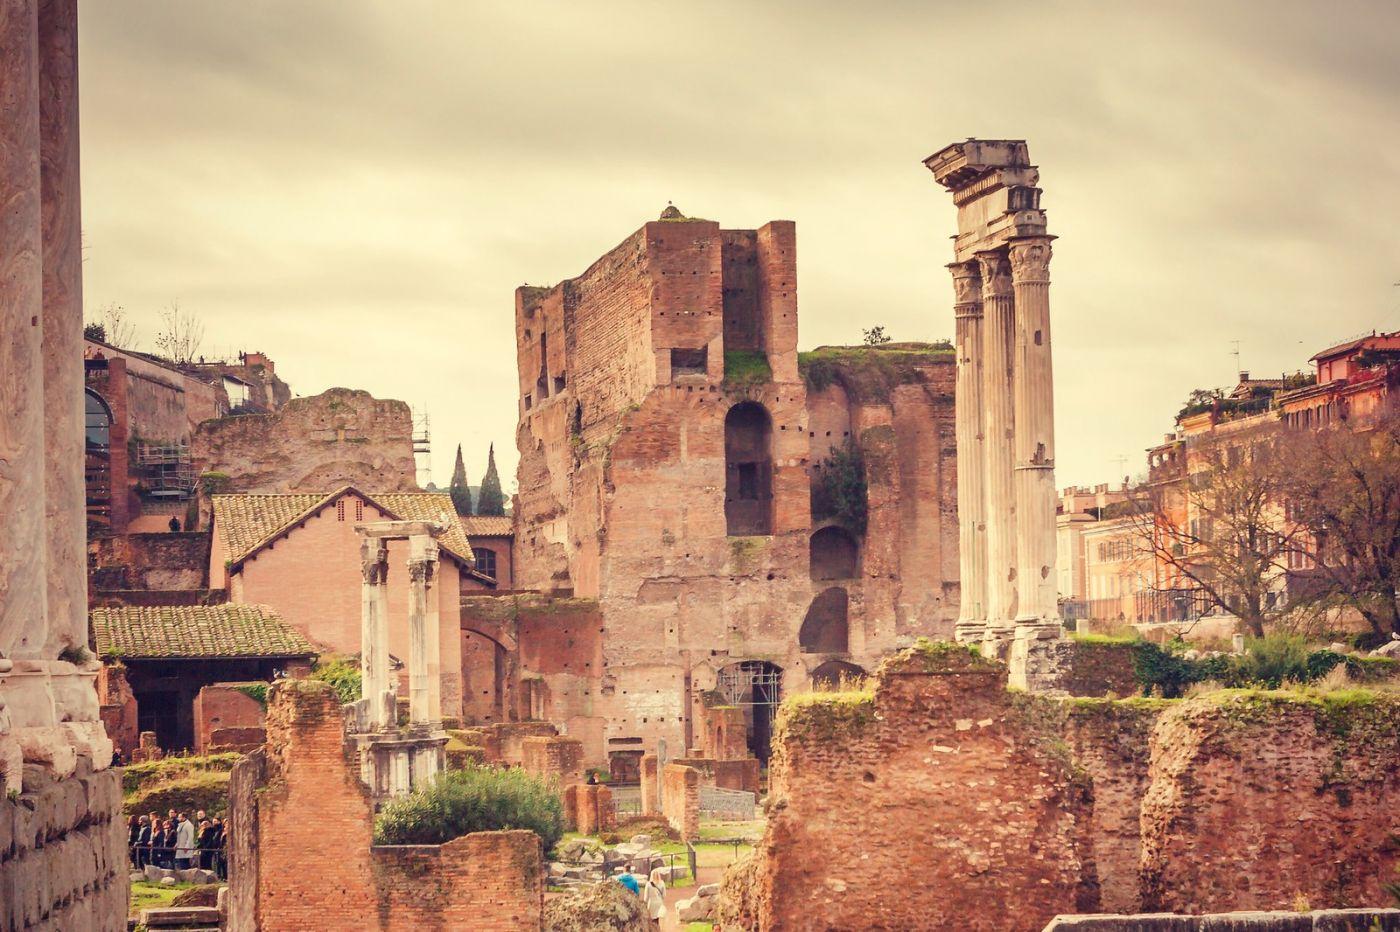 意大利罗马论坛,很敬佩_图1-14